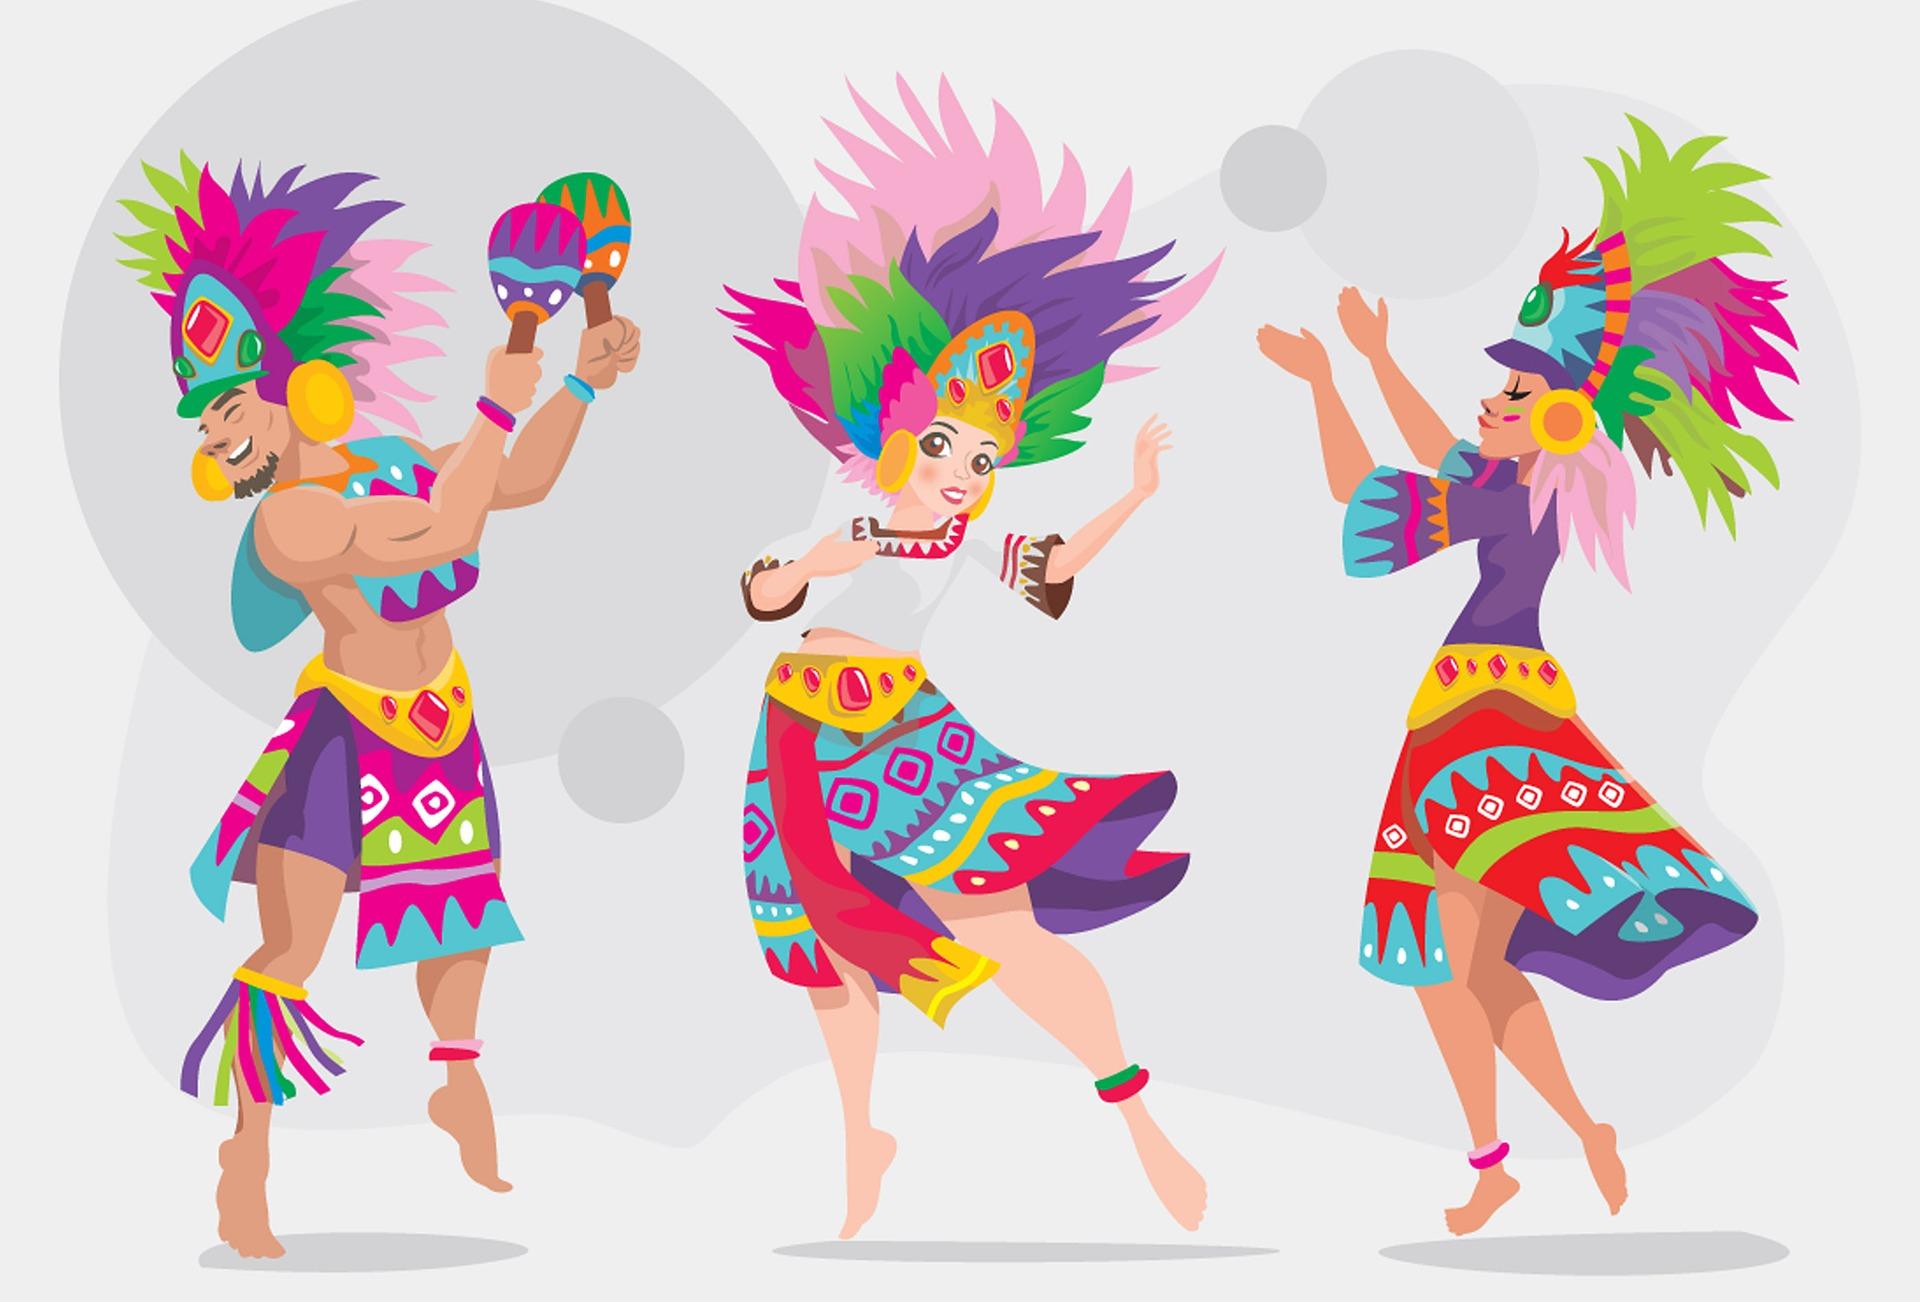 Trinidad and Tobago Carnival feature image